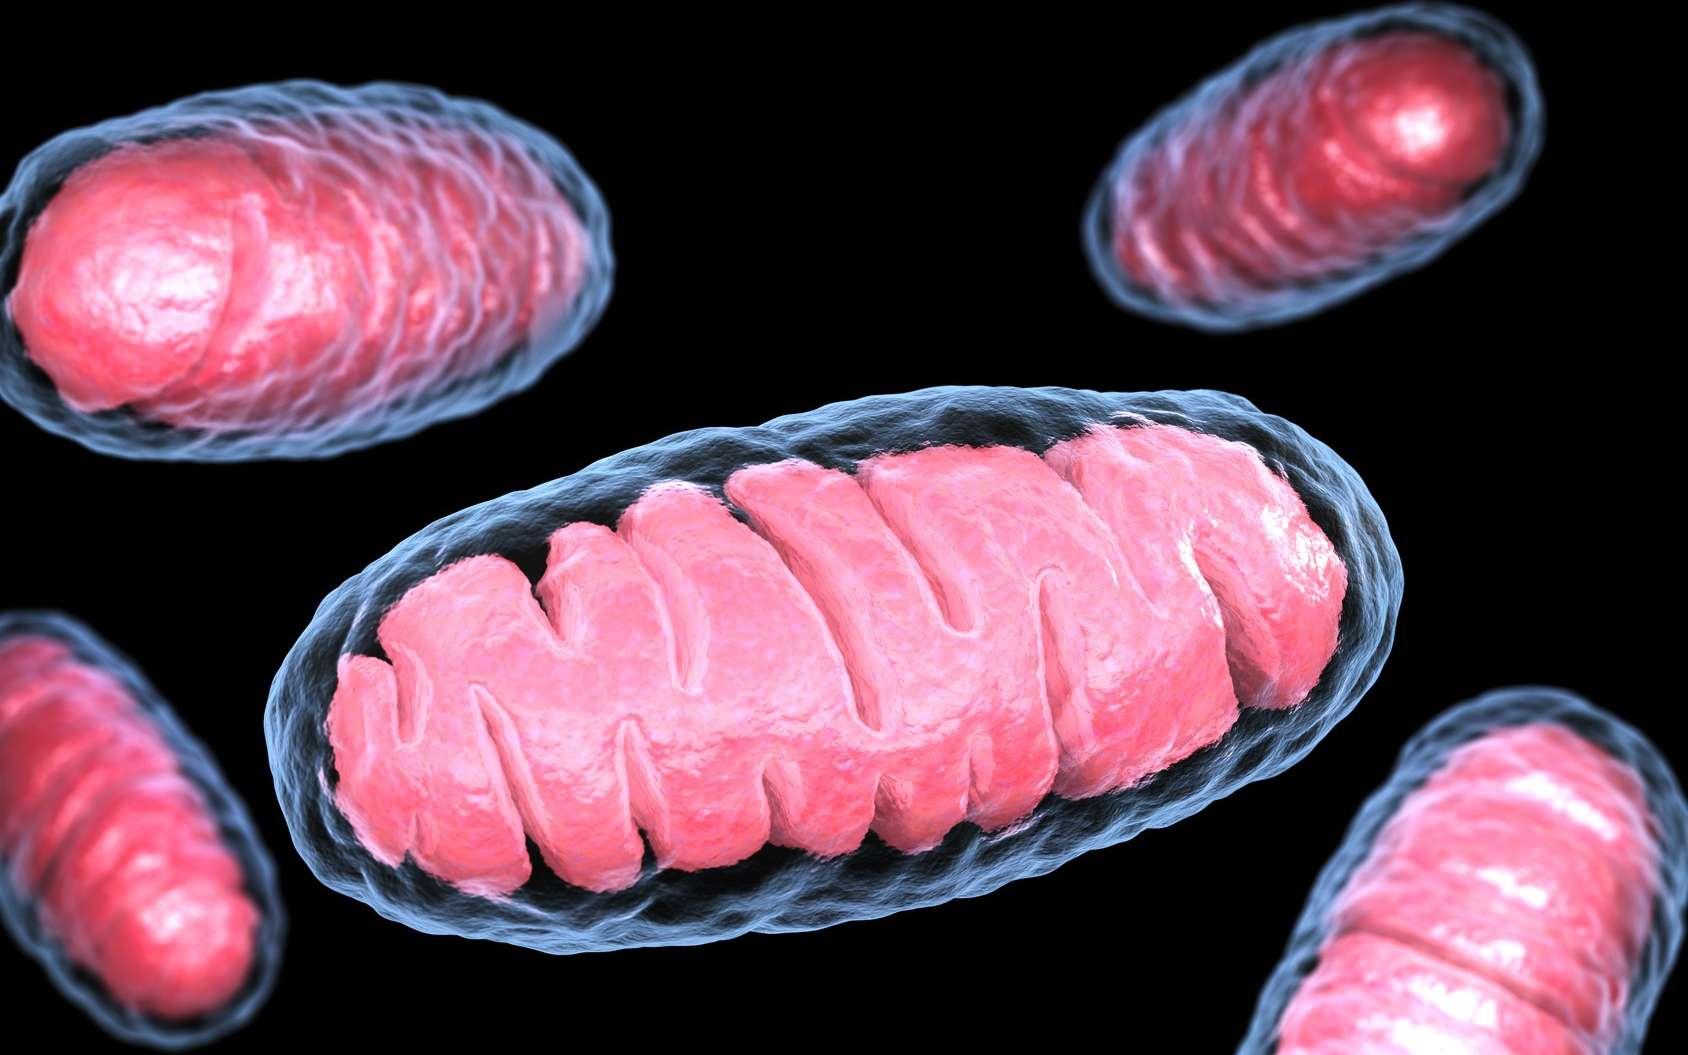 Les mitochondries sont les usines énergétiques des cellules. © Tatiana Shepeleva, Fotolia